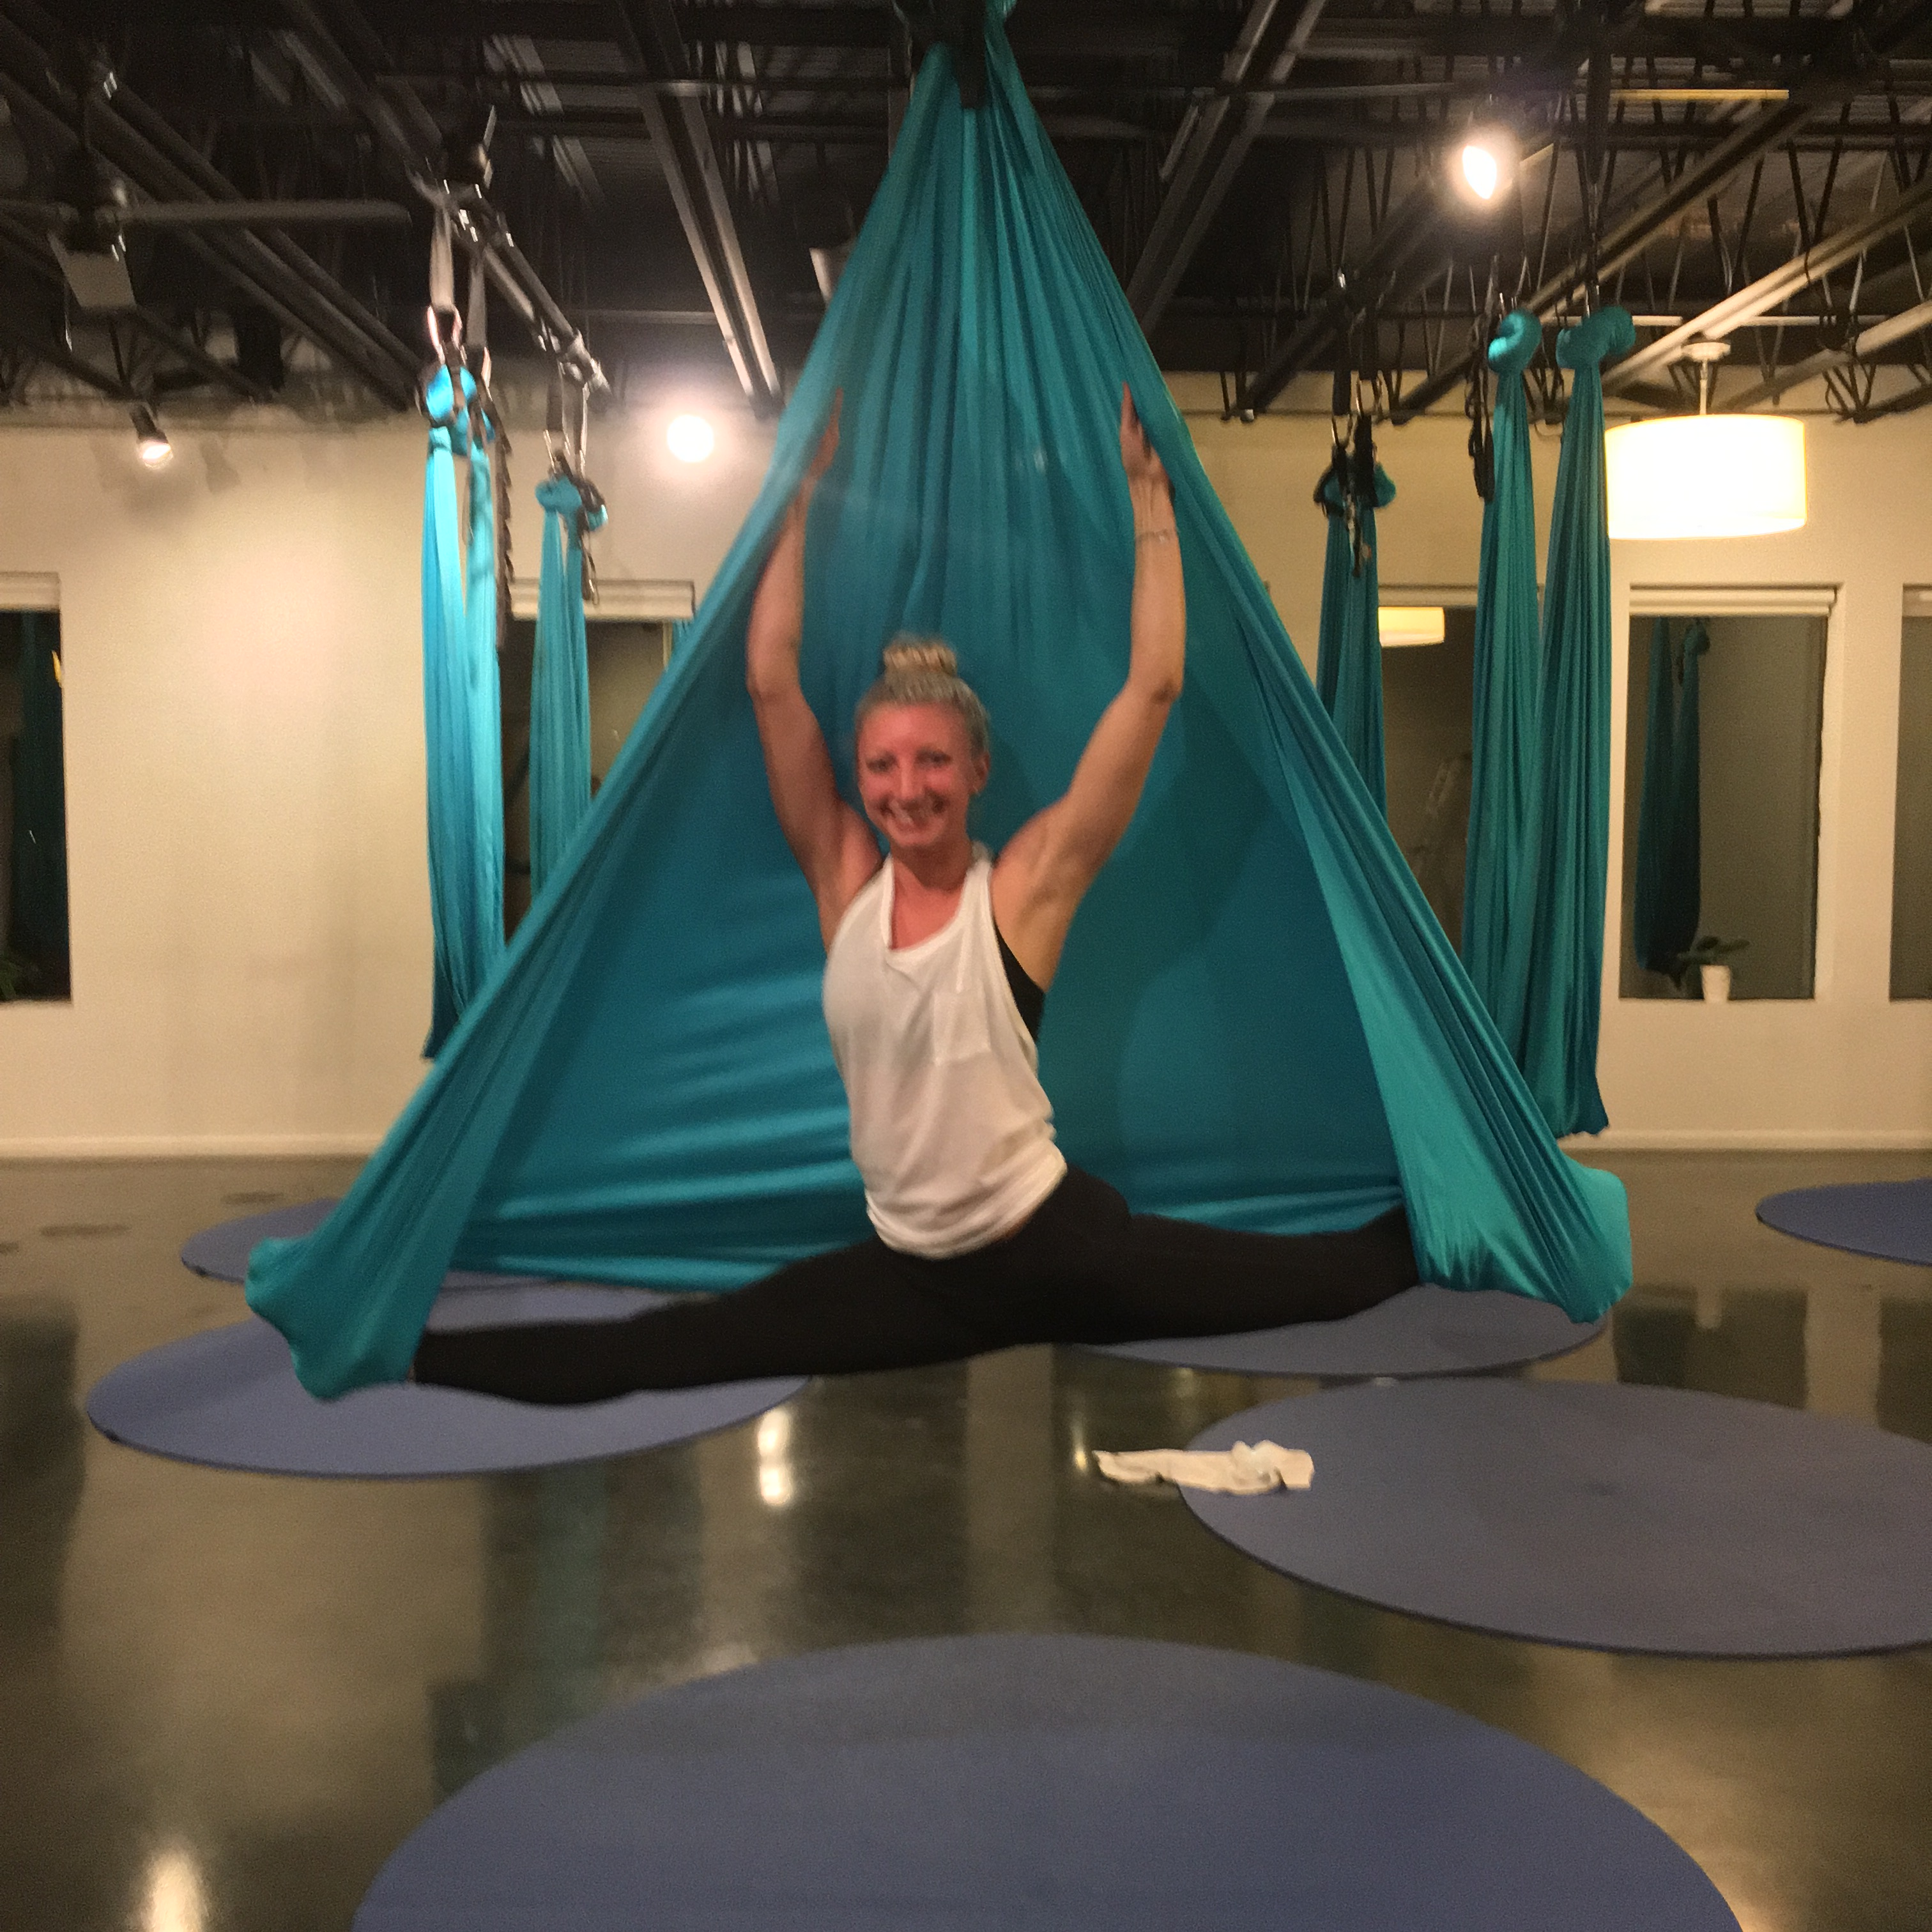 Yoga on high ariel yoga